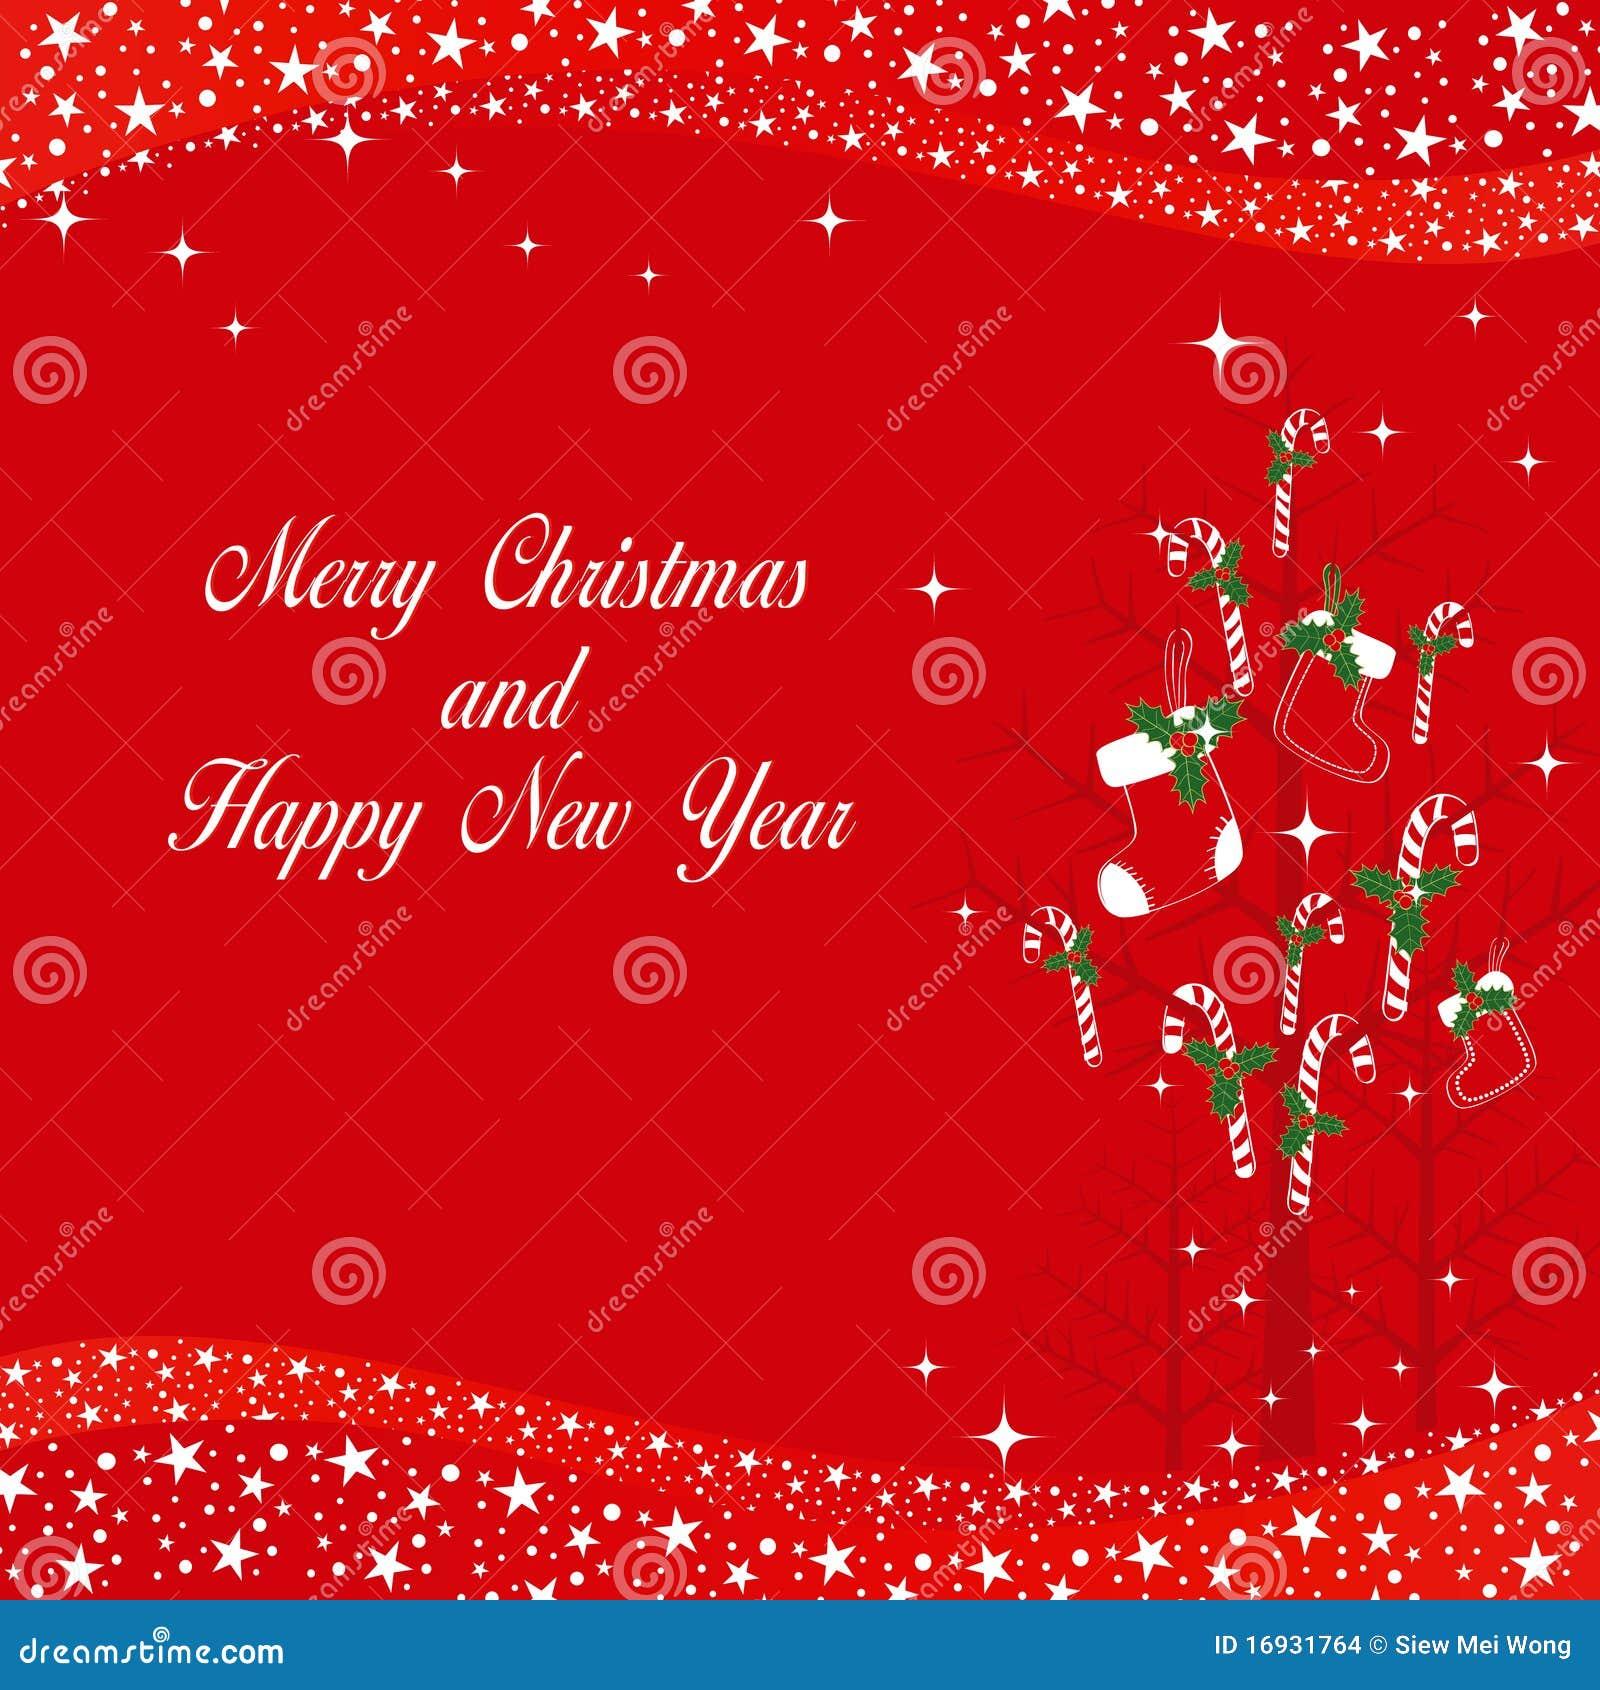 Weihnachten Verziert Grußkarte Vektor Abbildung - Illustration von ...